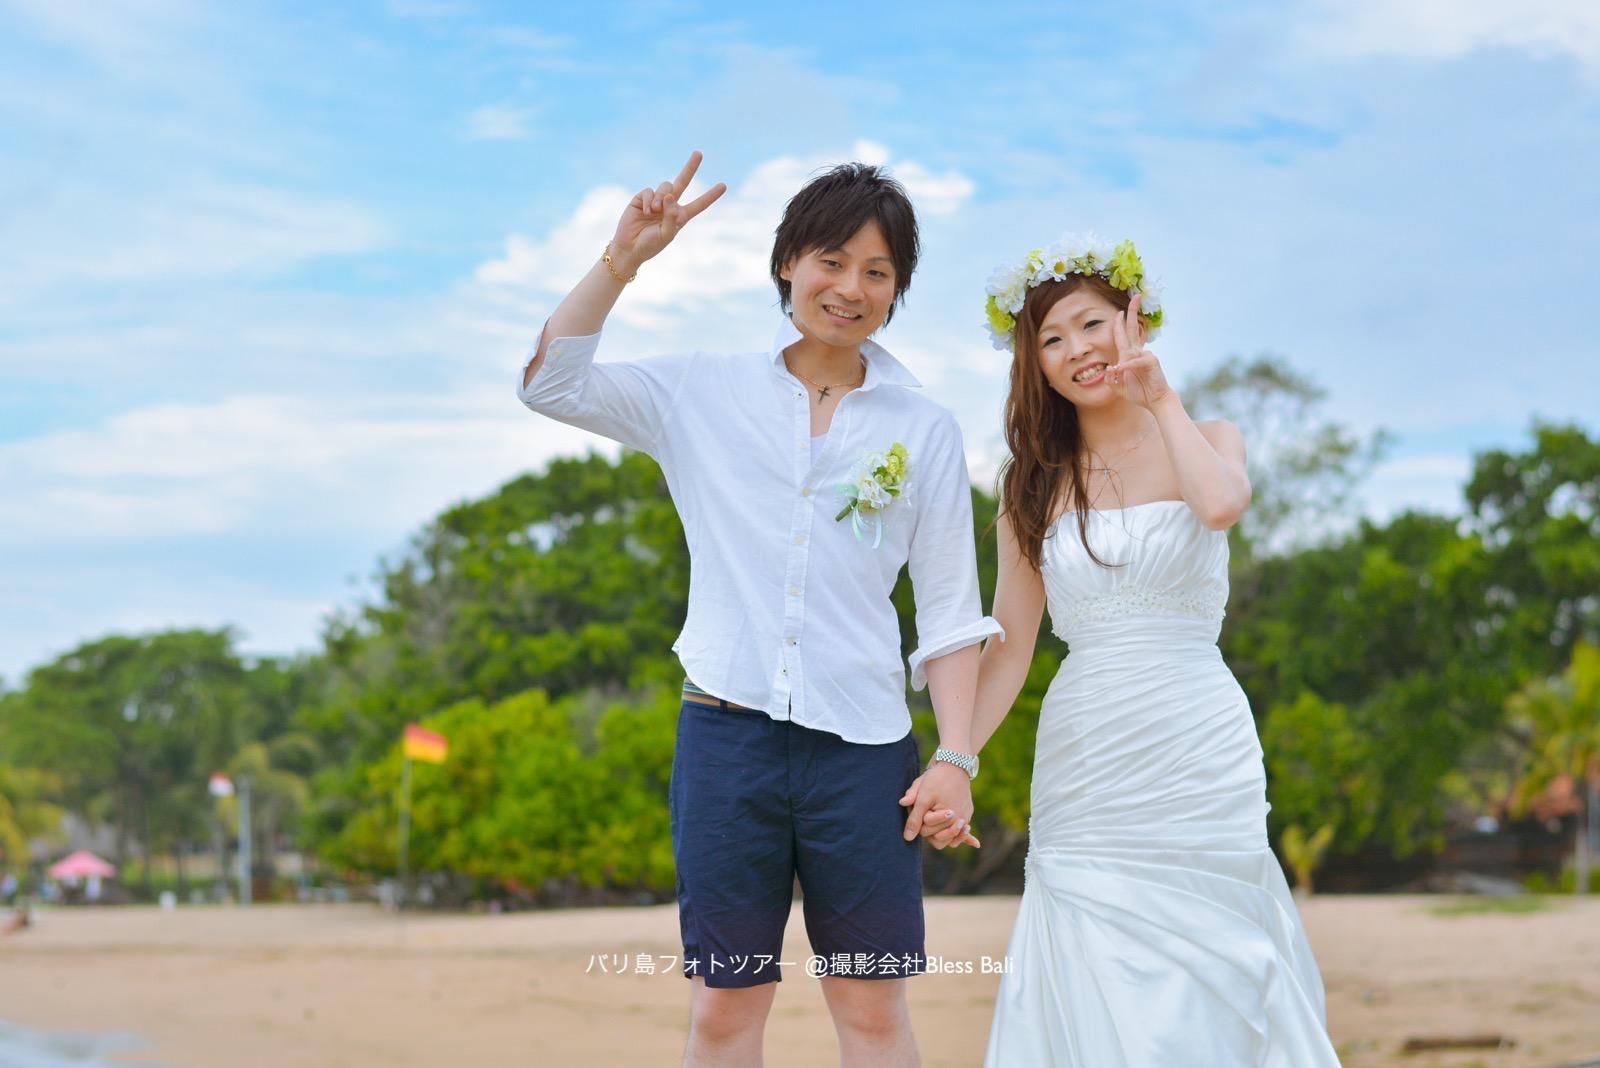 マーメイドドレスと白シャツで爽やかなおふたり